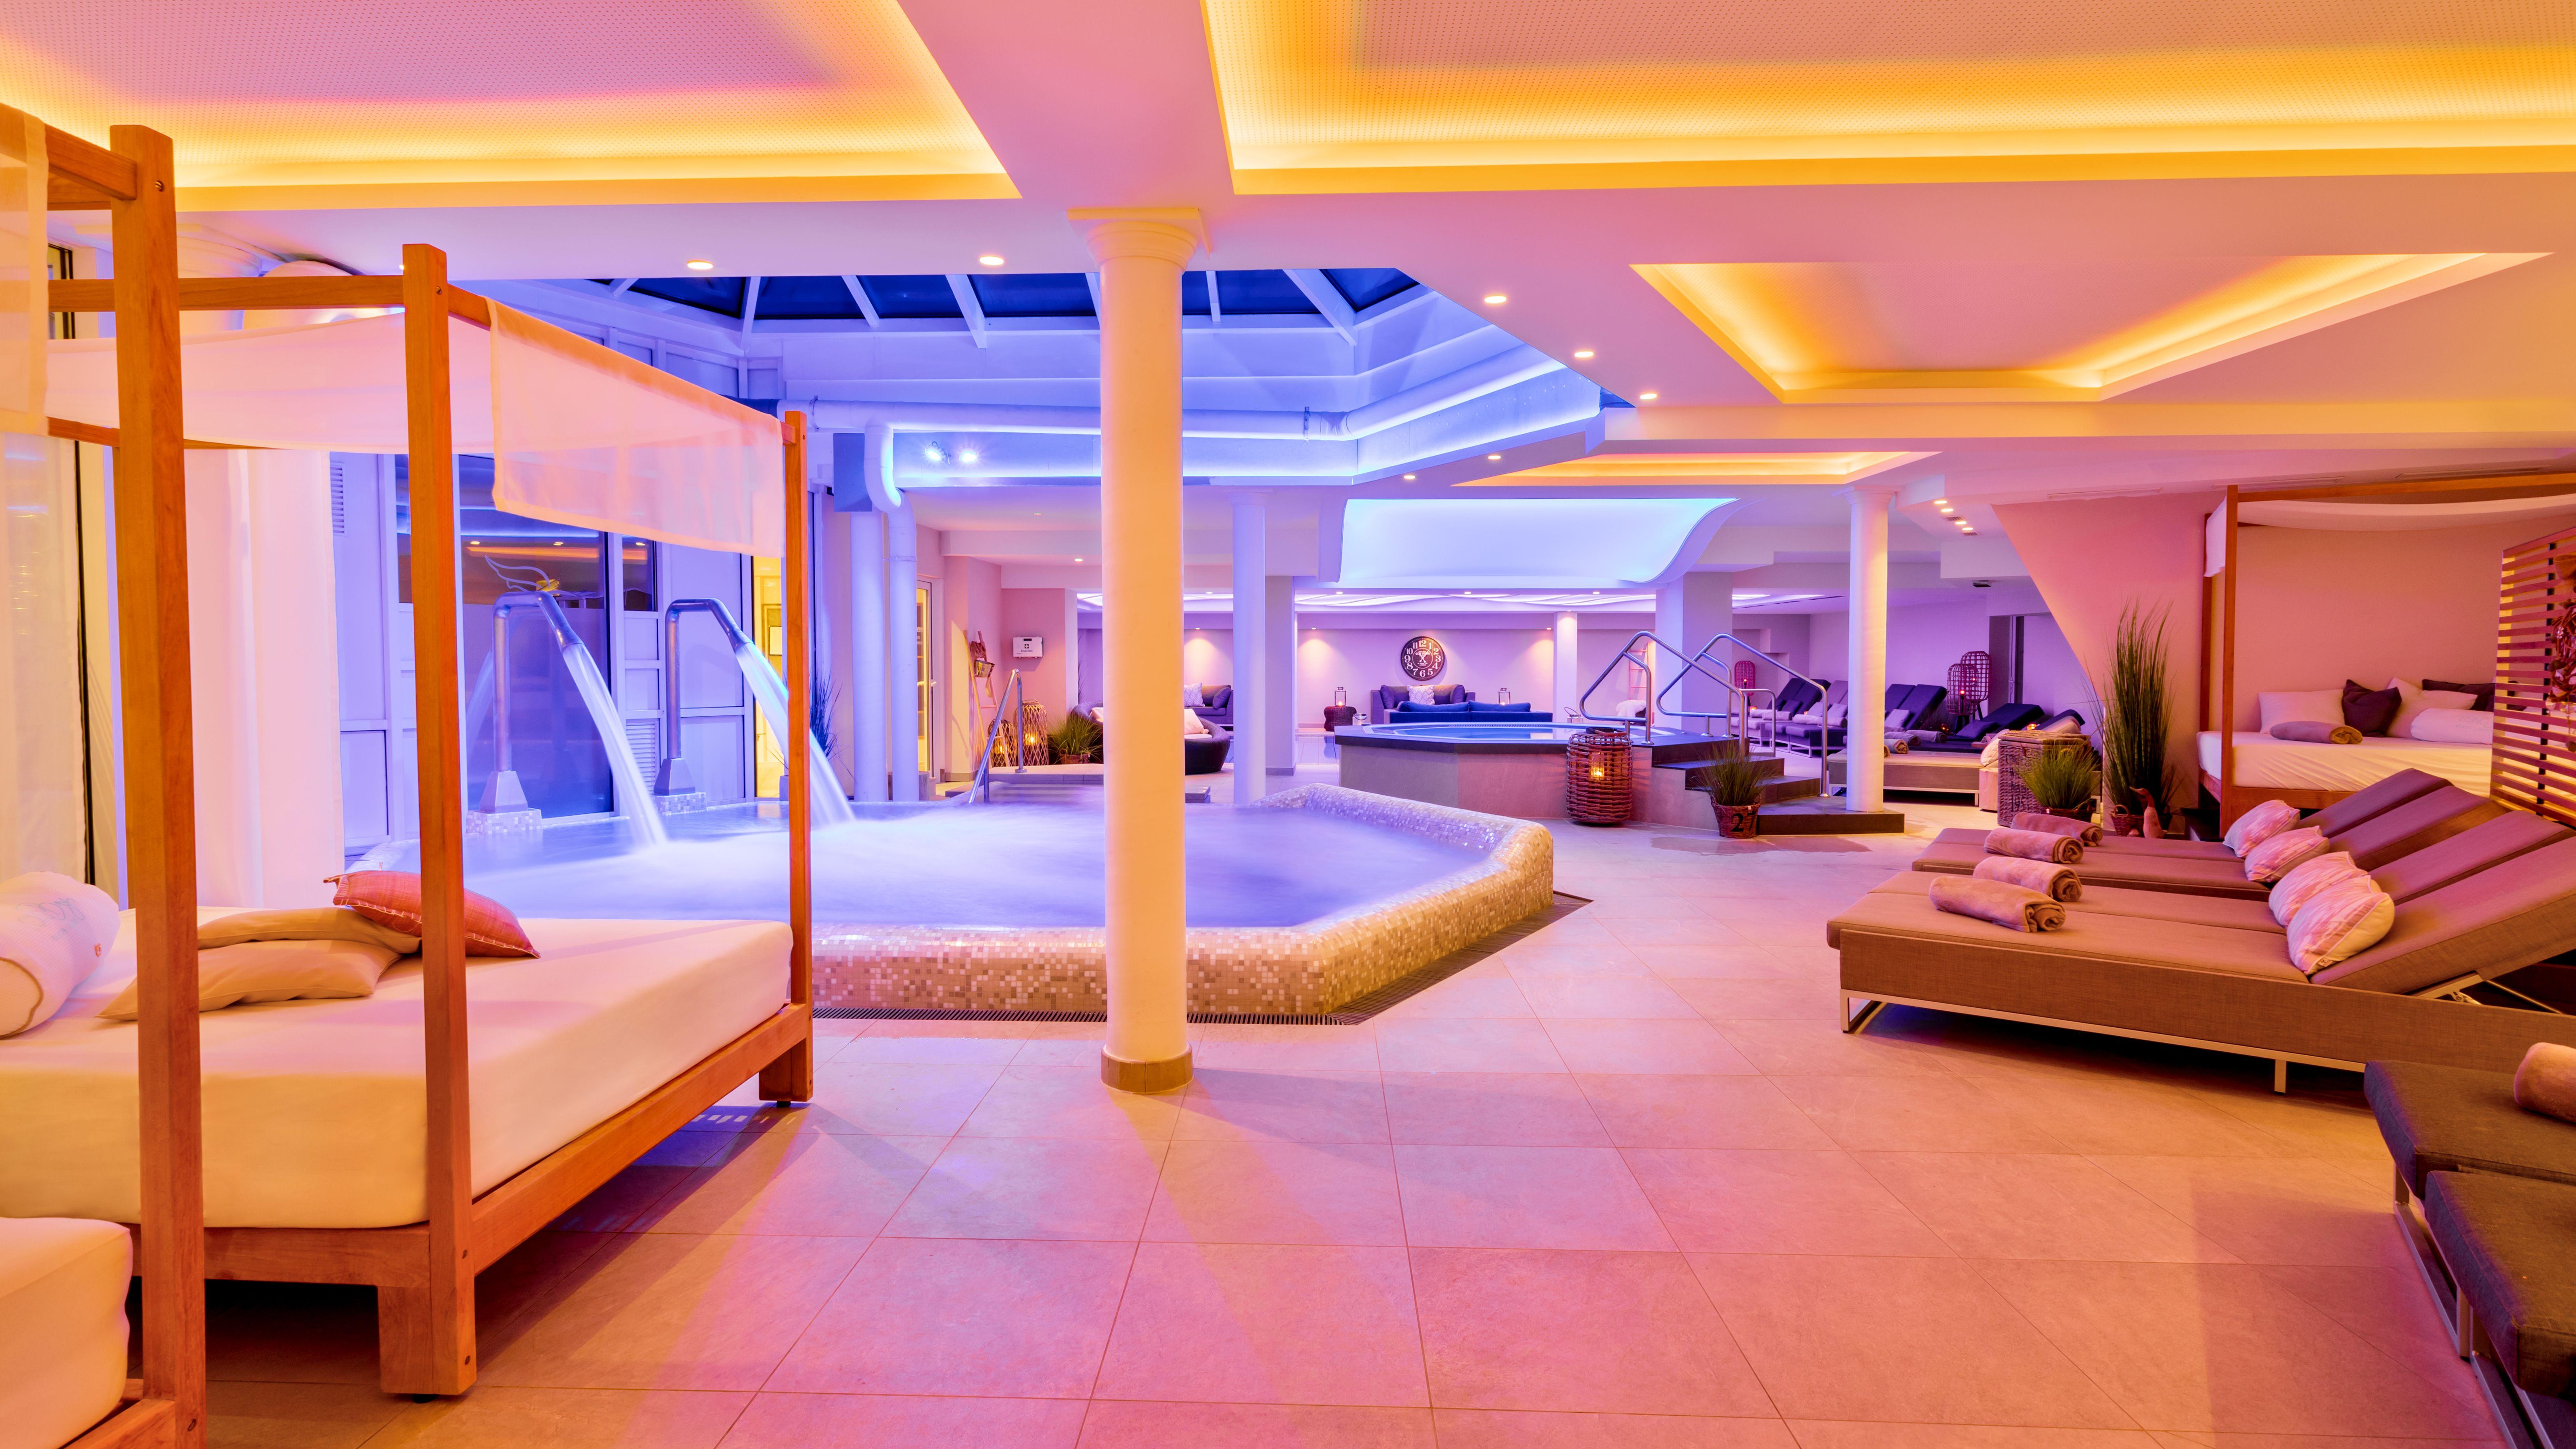 Romantischer Winkel - RoLigio & Wellness Resort - Wellnessbereich